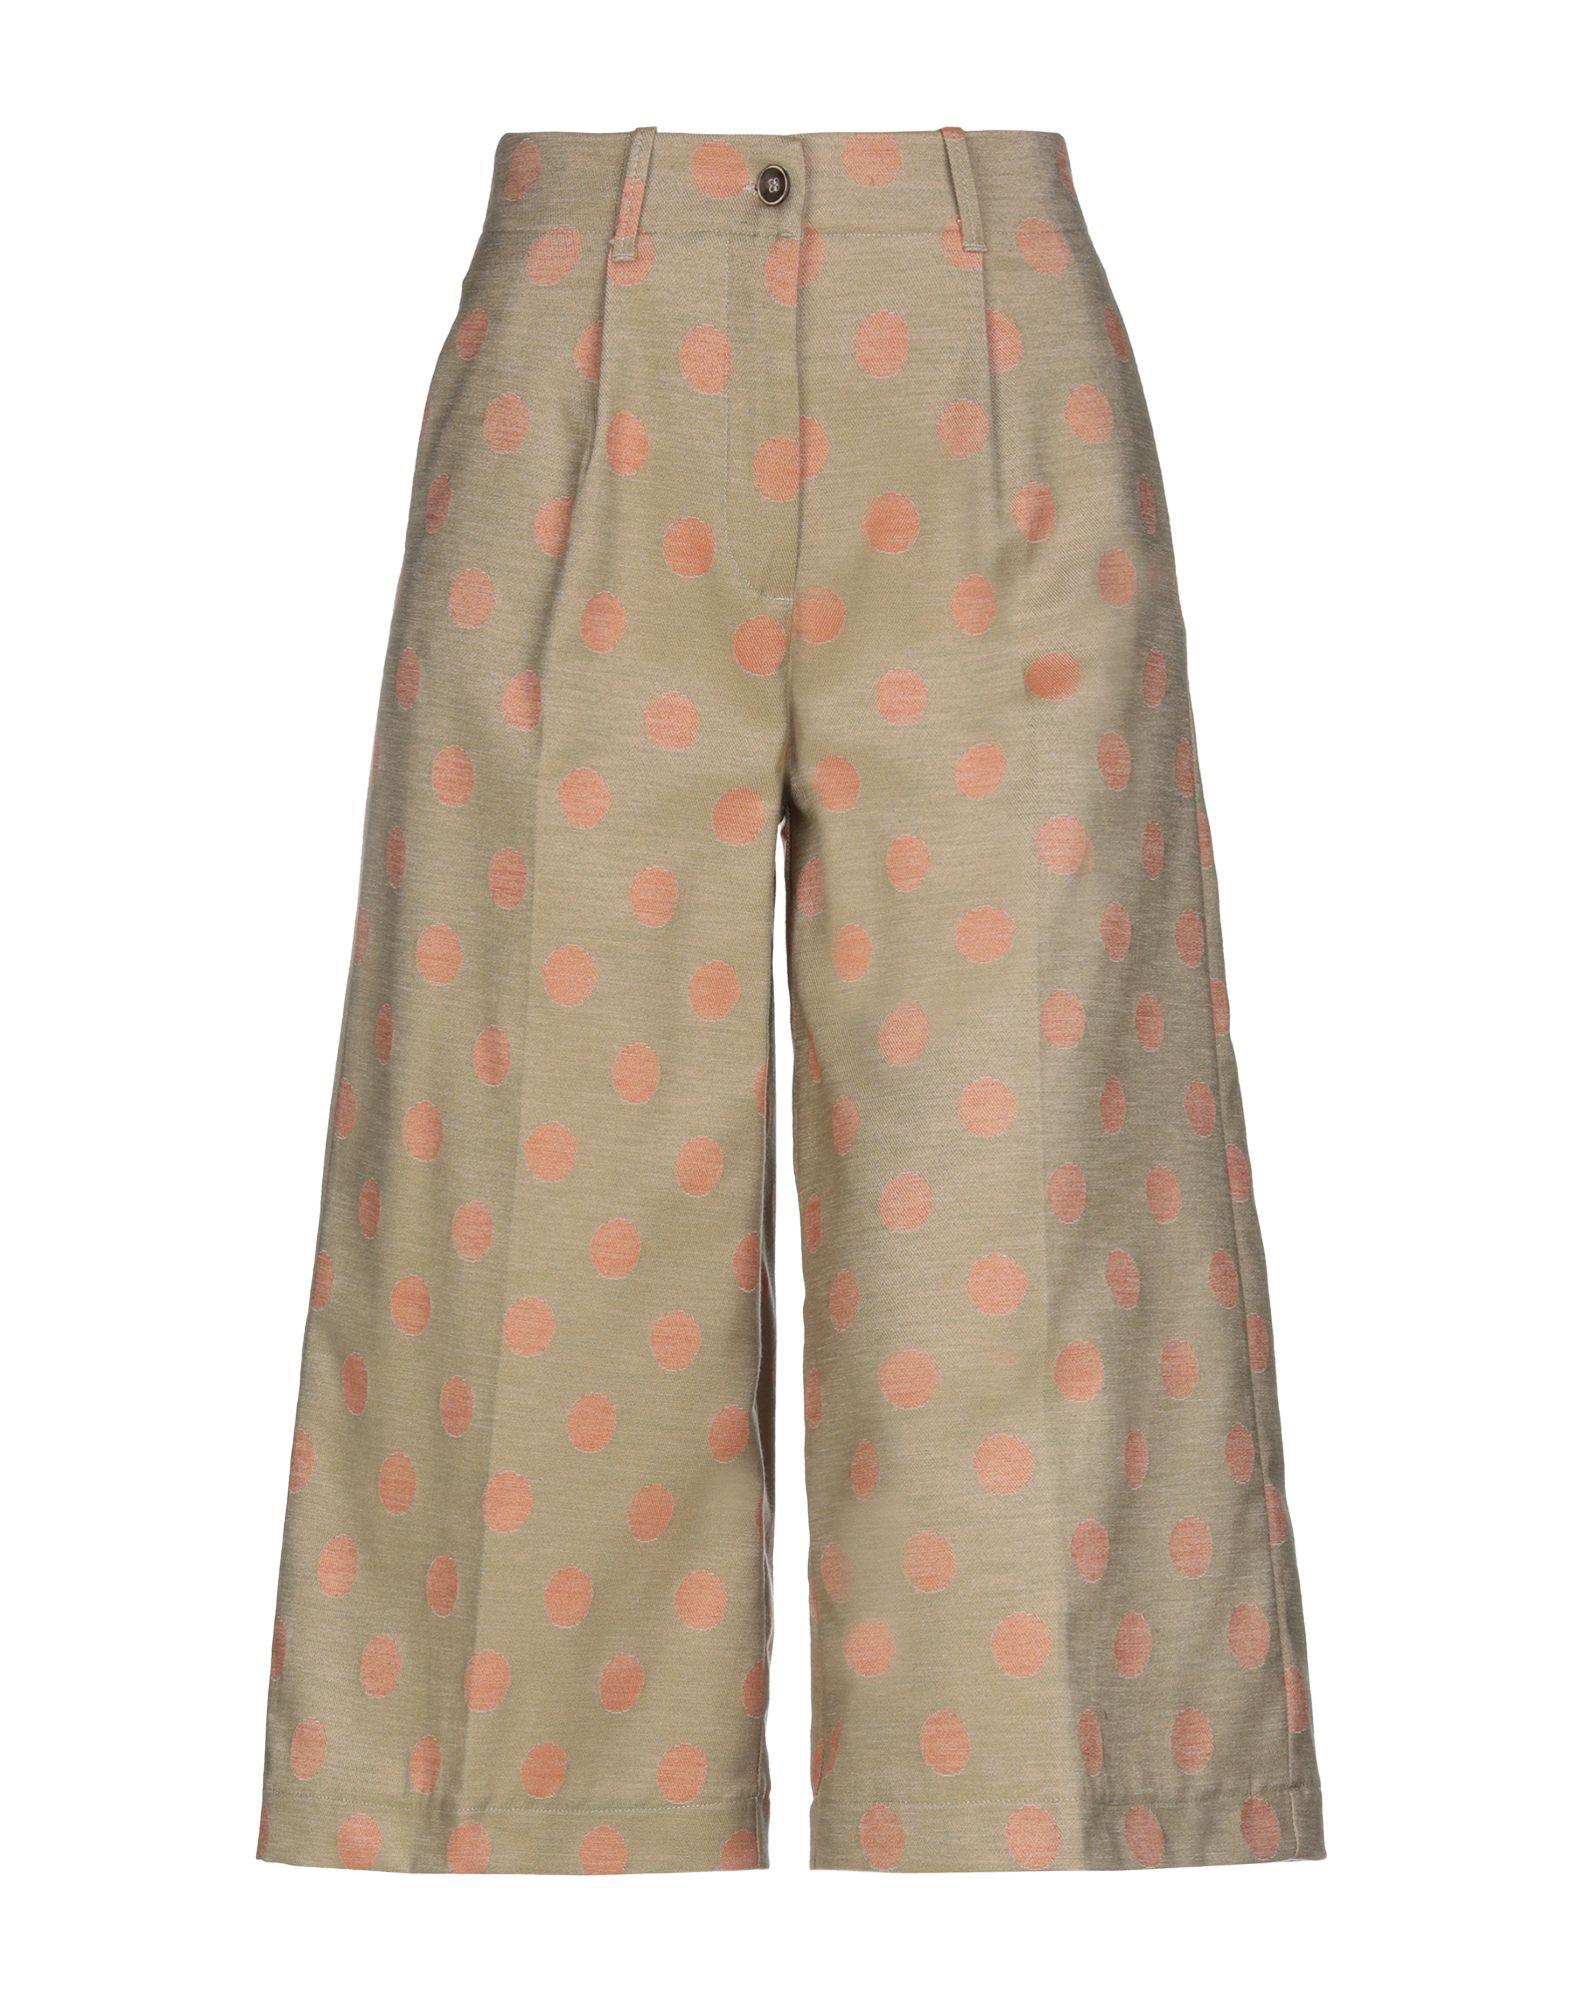 P4-7 Брюки-капри брюки дудочки 7 8 с жаккардовым рисунком в горошек